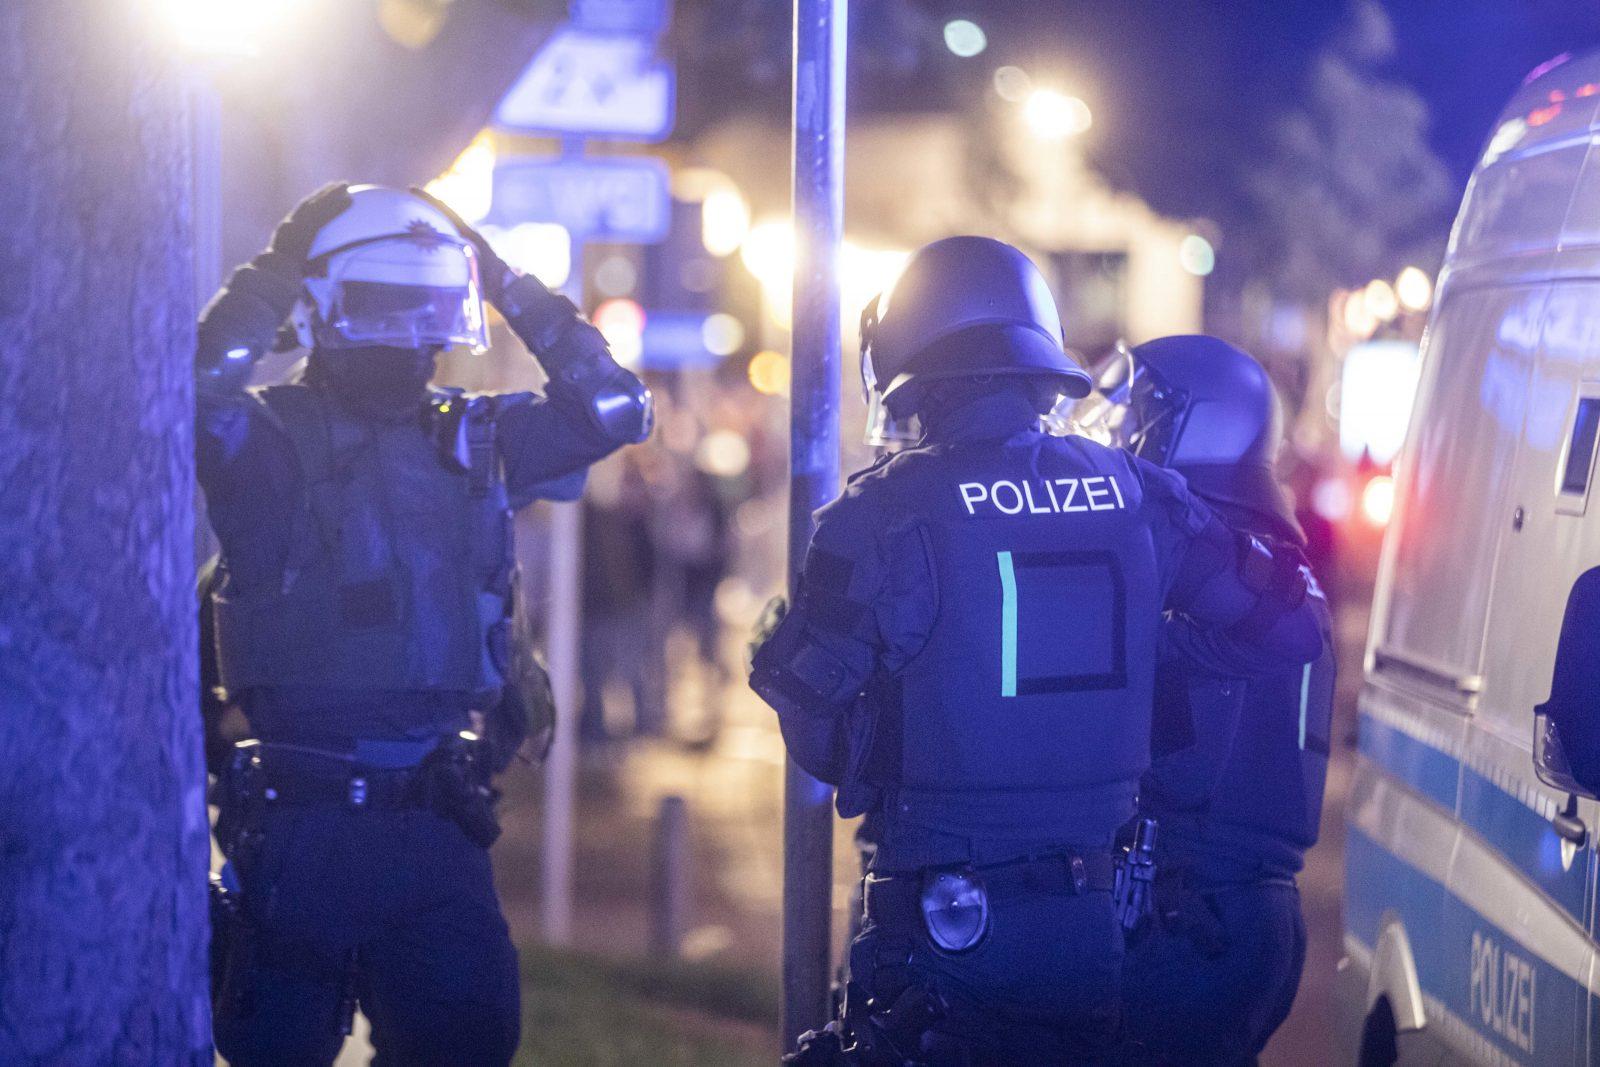 Polizisten mußten in Stuttgart gegen die Randalierer vorgehen Foto: picture alliance / Simon Adomat /dpa